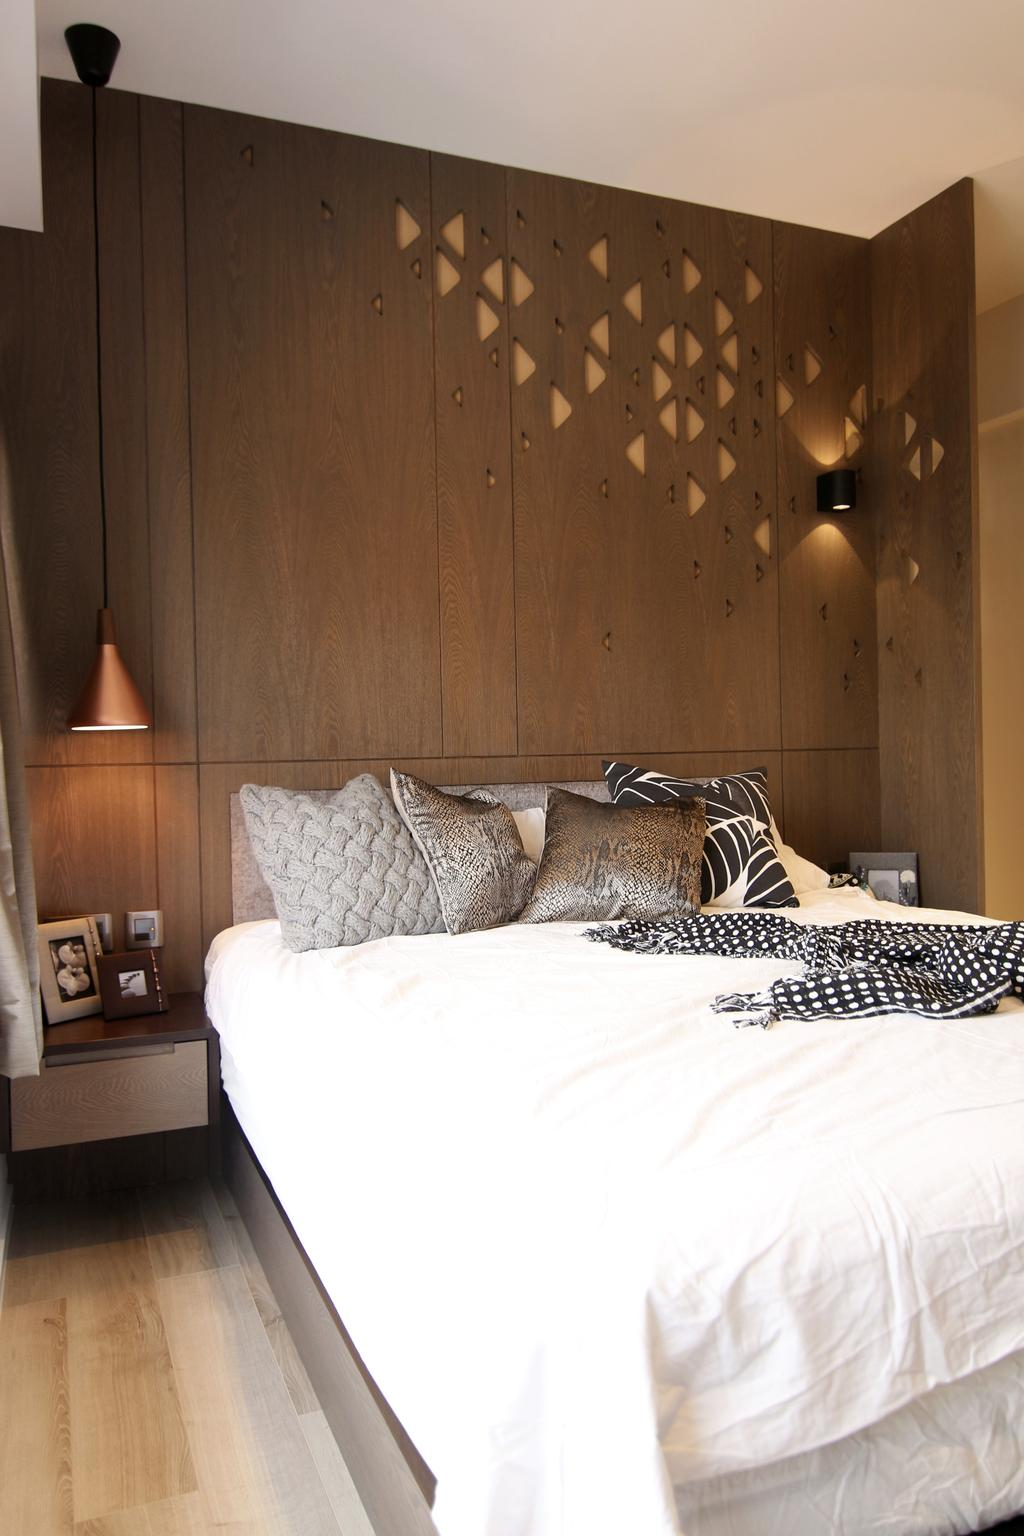 私家樓, 睡房, 聚龍居, 室內設計師, Bel Concetto, Bed, Furniture